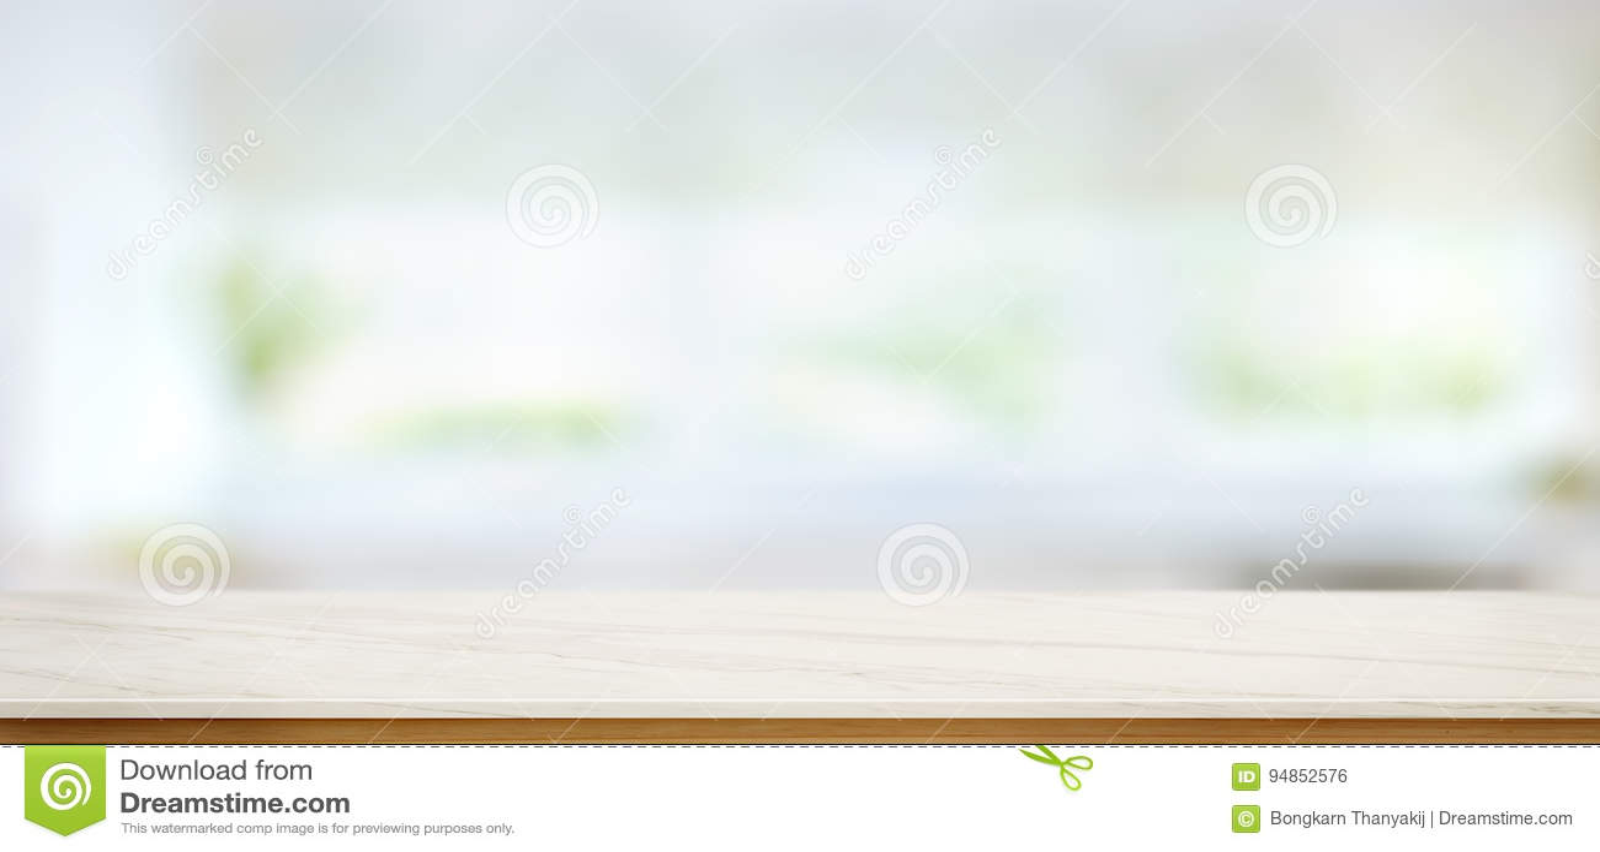 Tampo da mesa de mármore branco no fundo da janela da cozinha do borrão